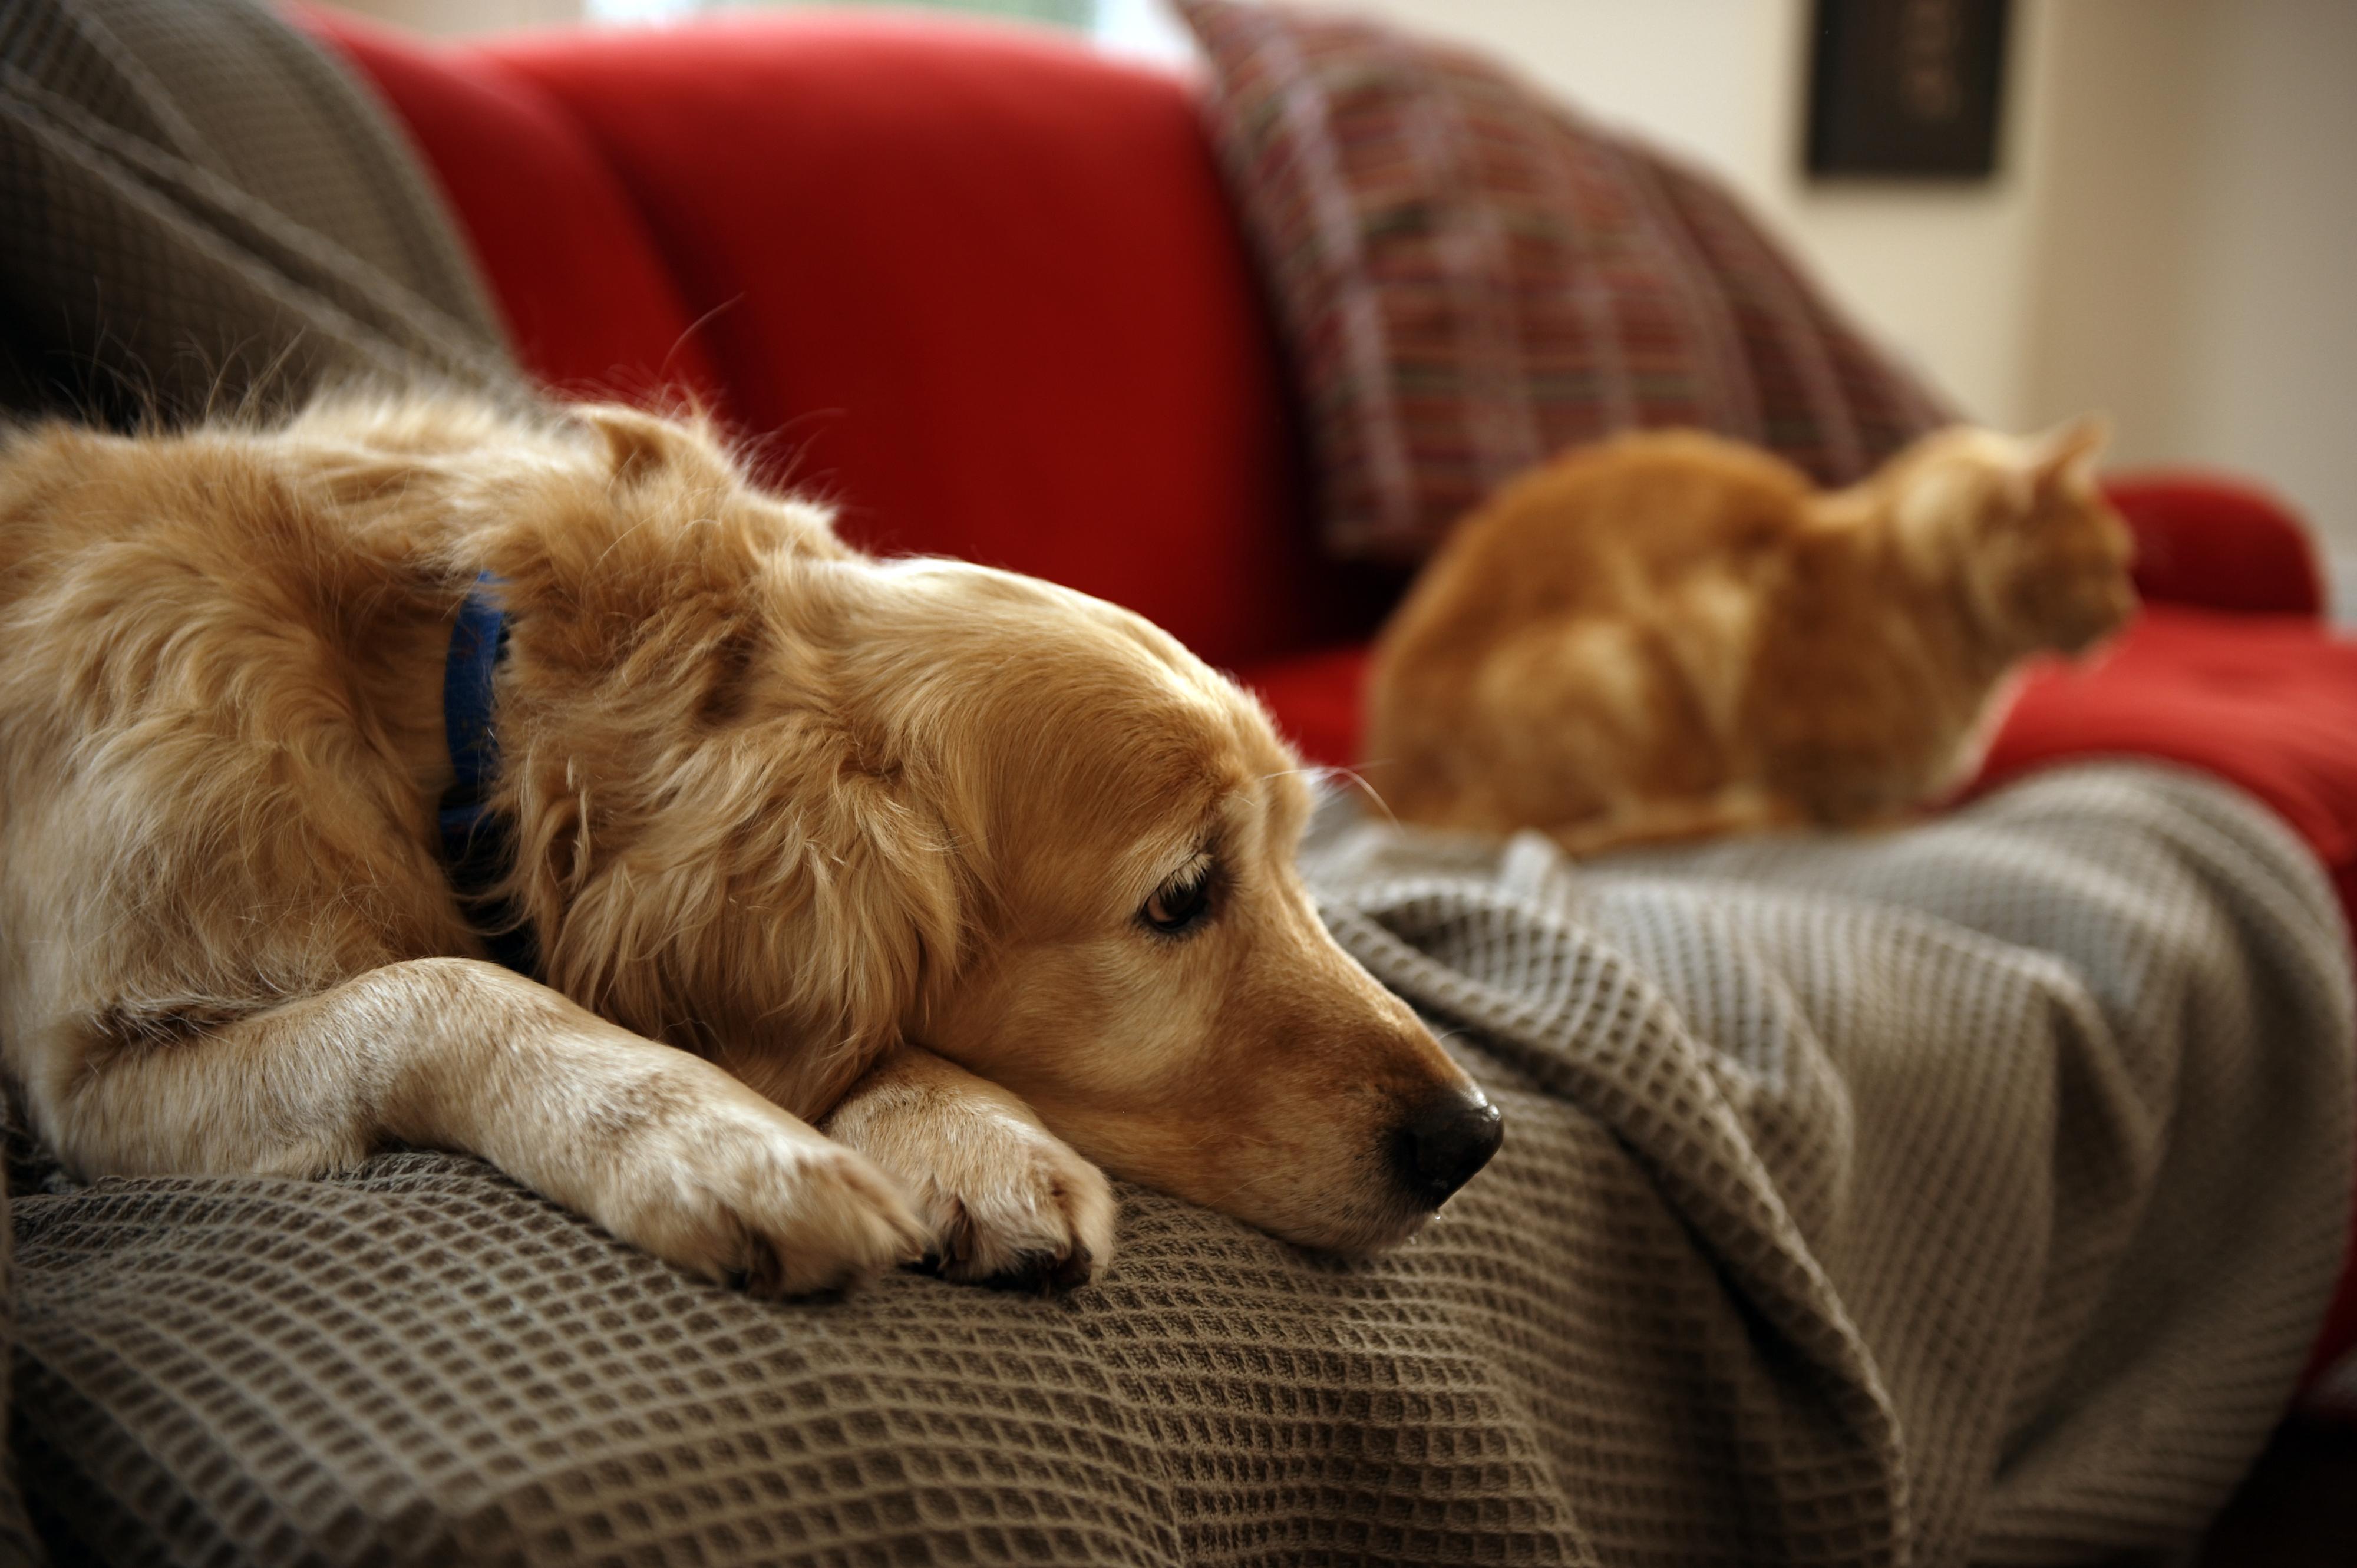 Novos dispositivos digitais monitorizam atividade de cães e gatos